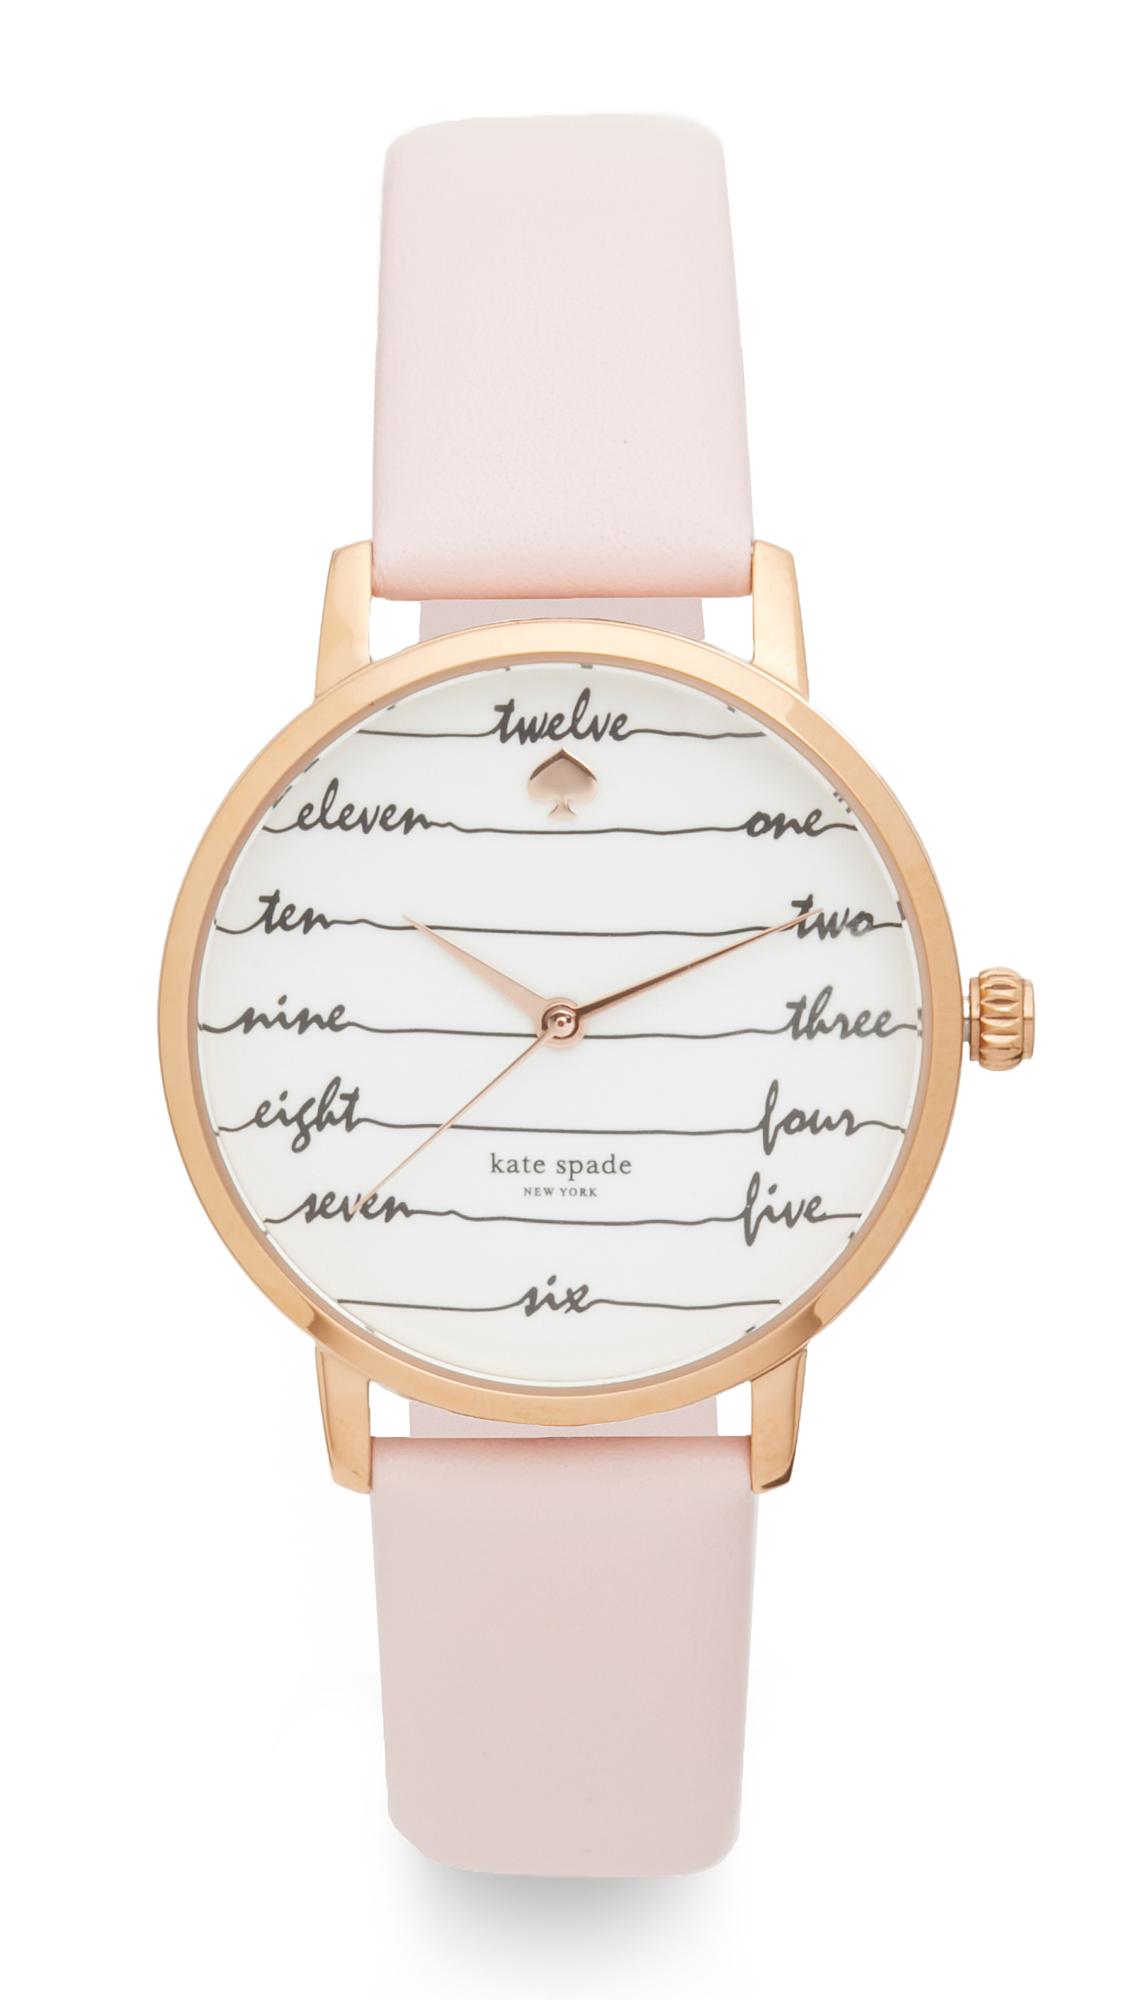 Kate Spade New York Metro Watch - Pink/Rose Gold